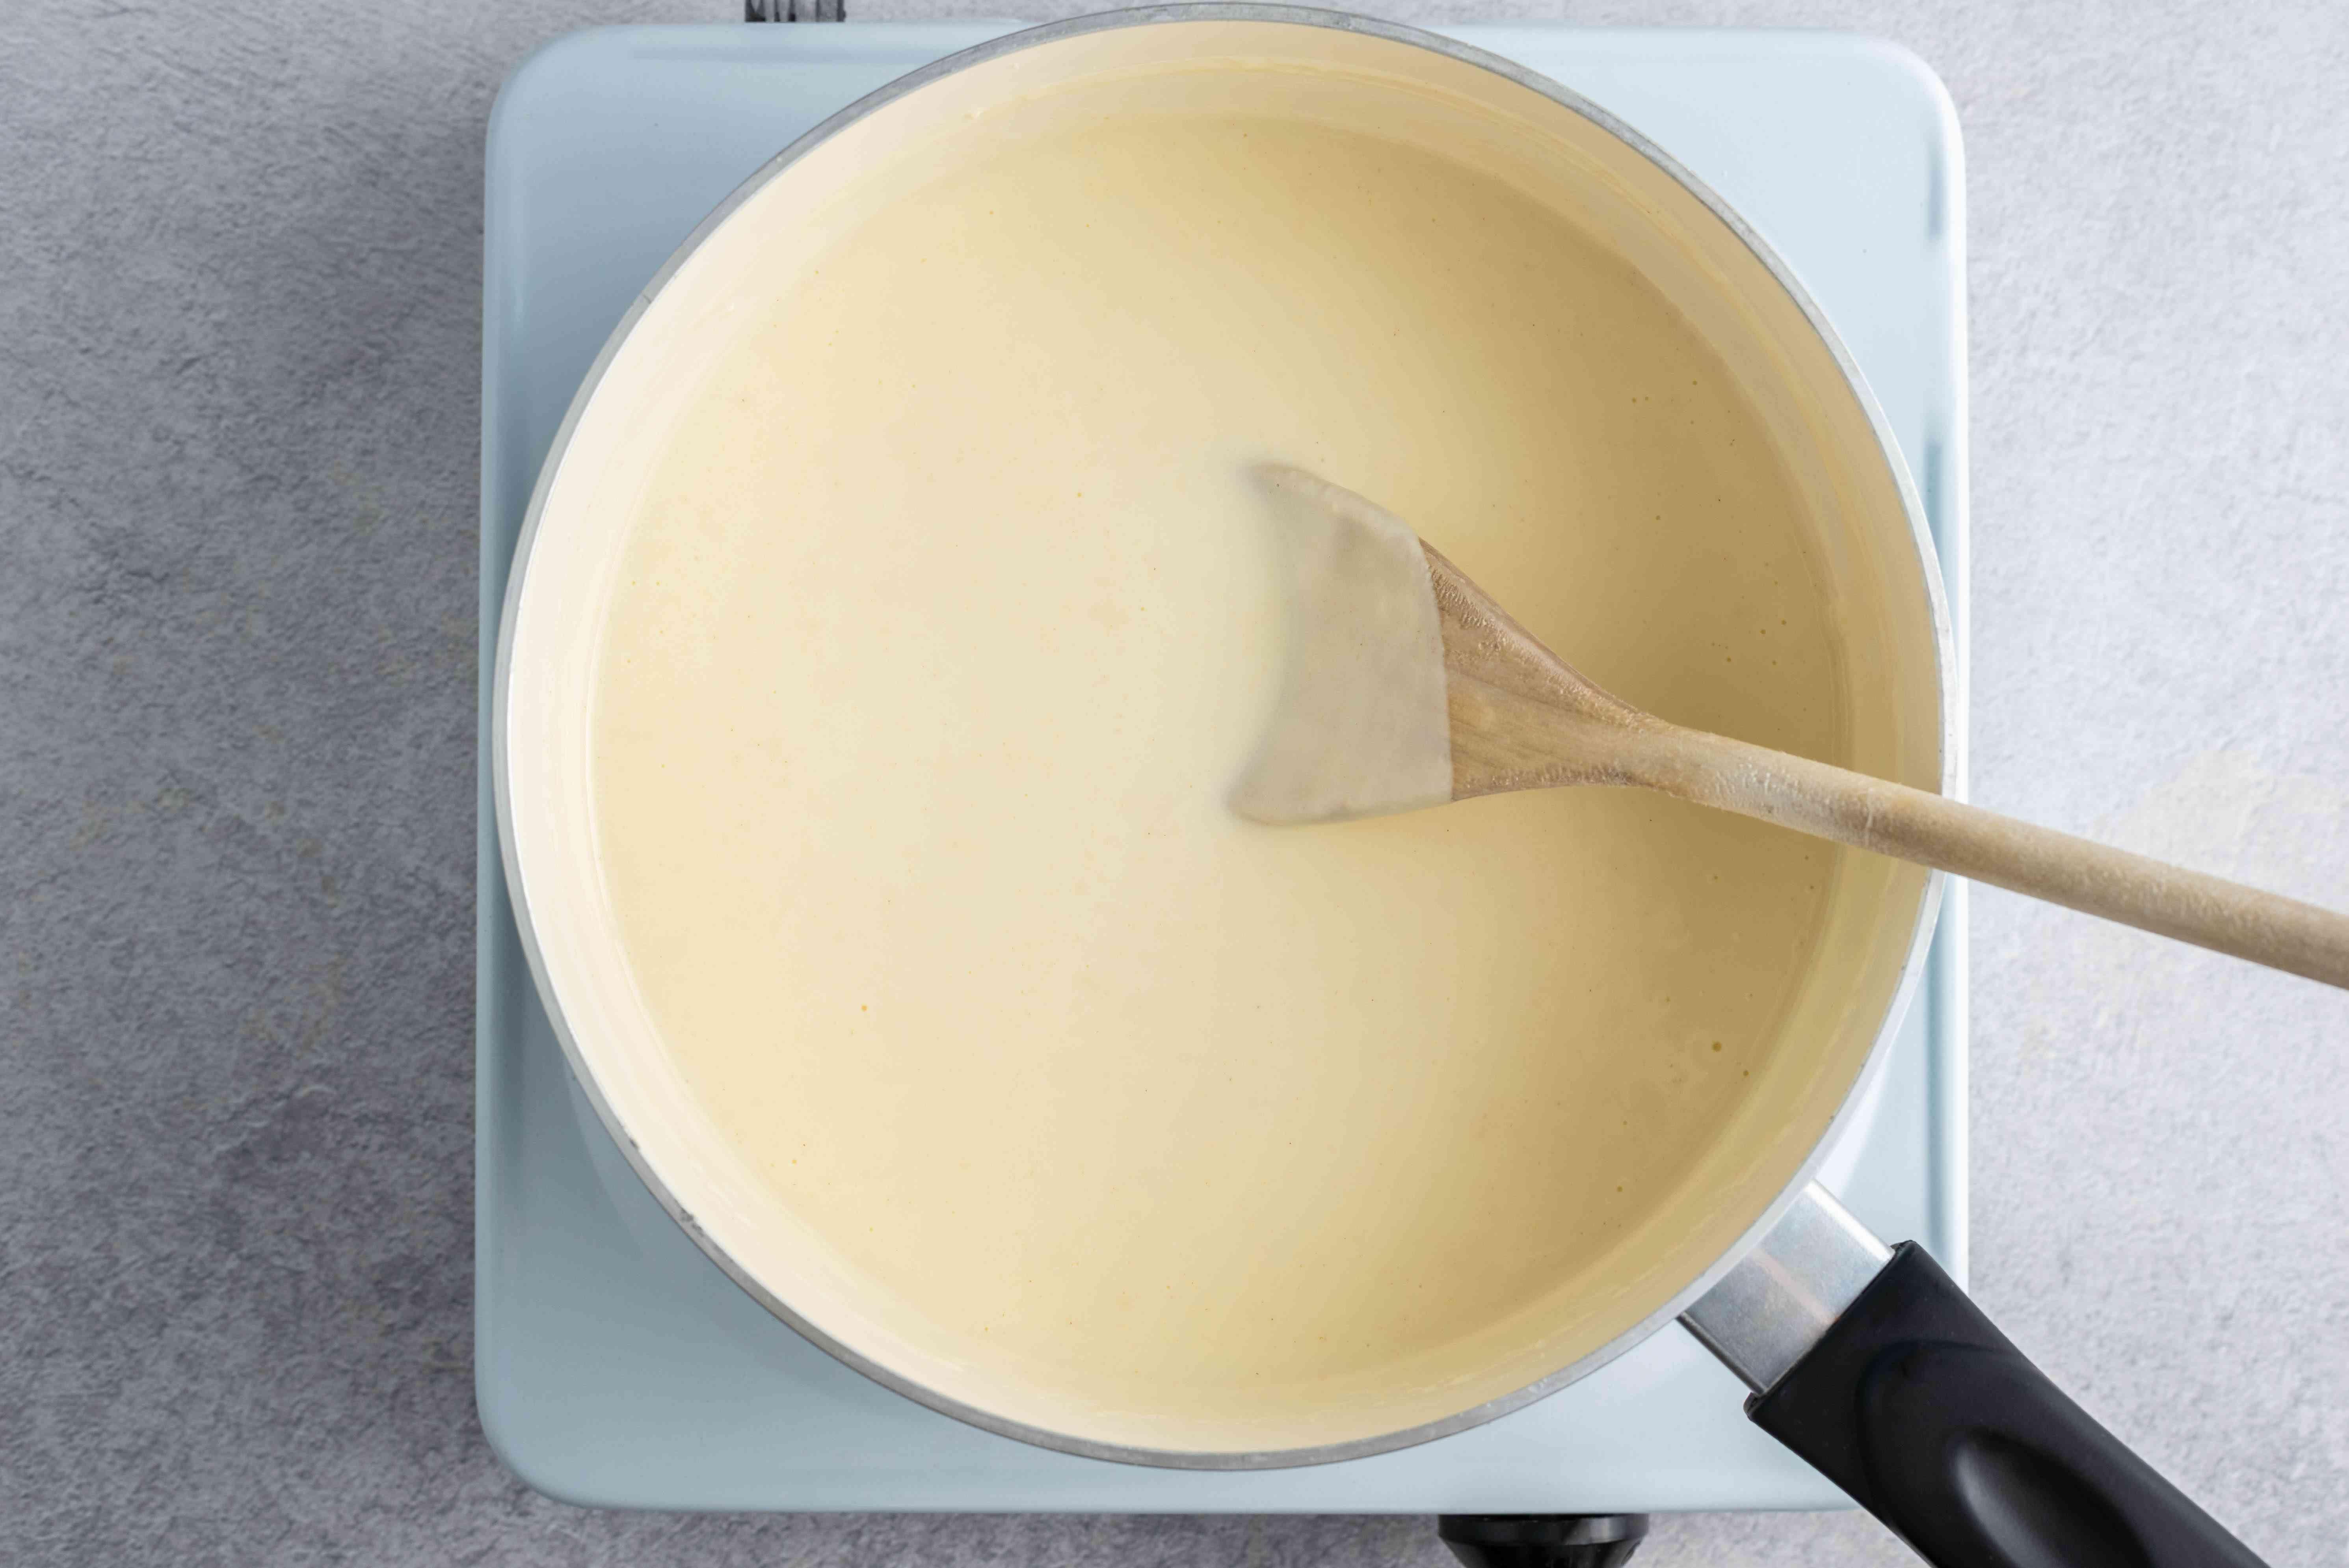 Return sauce to pan